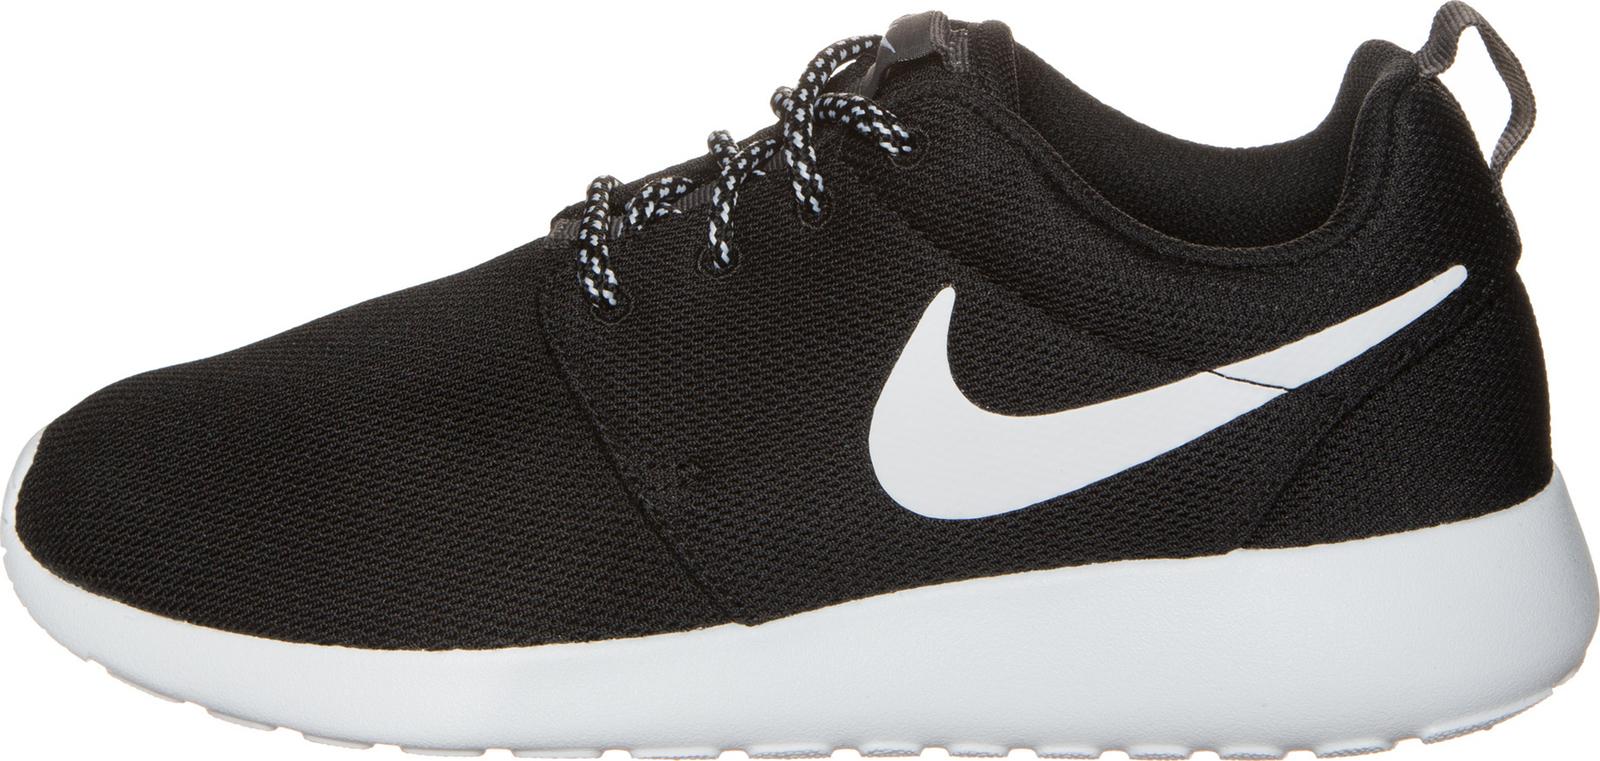 18f2c1bf5017 Προσθήκη στα αγαπημένα menu Nike Roshe One Fashion 844994-002